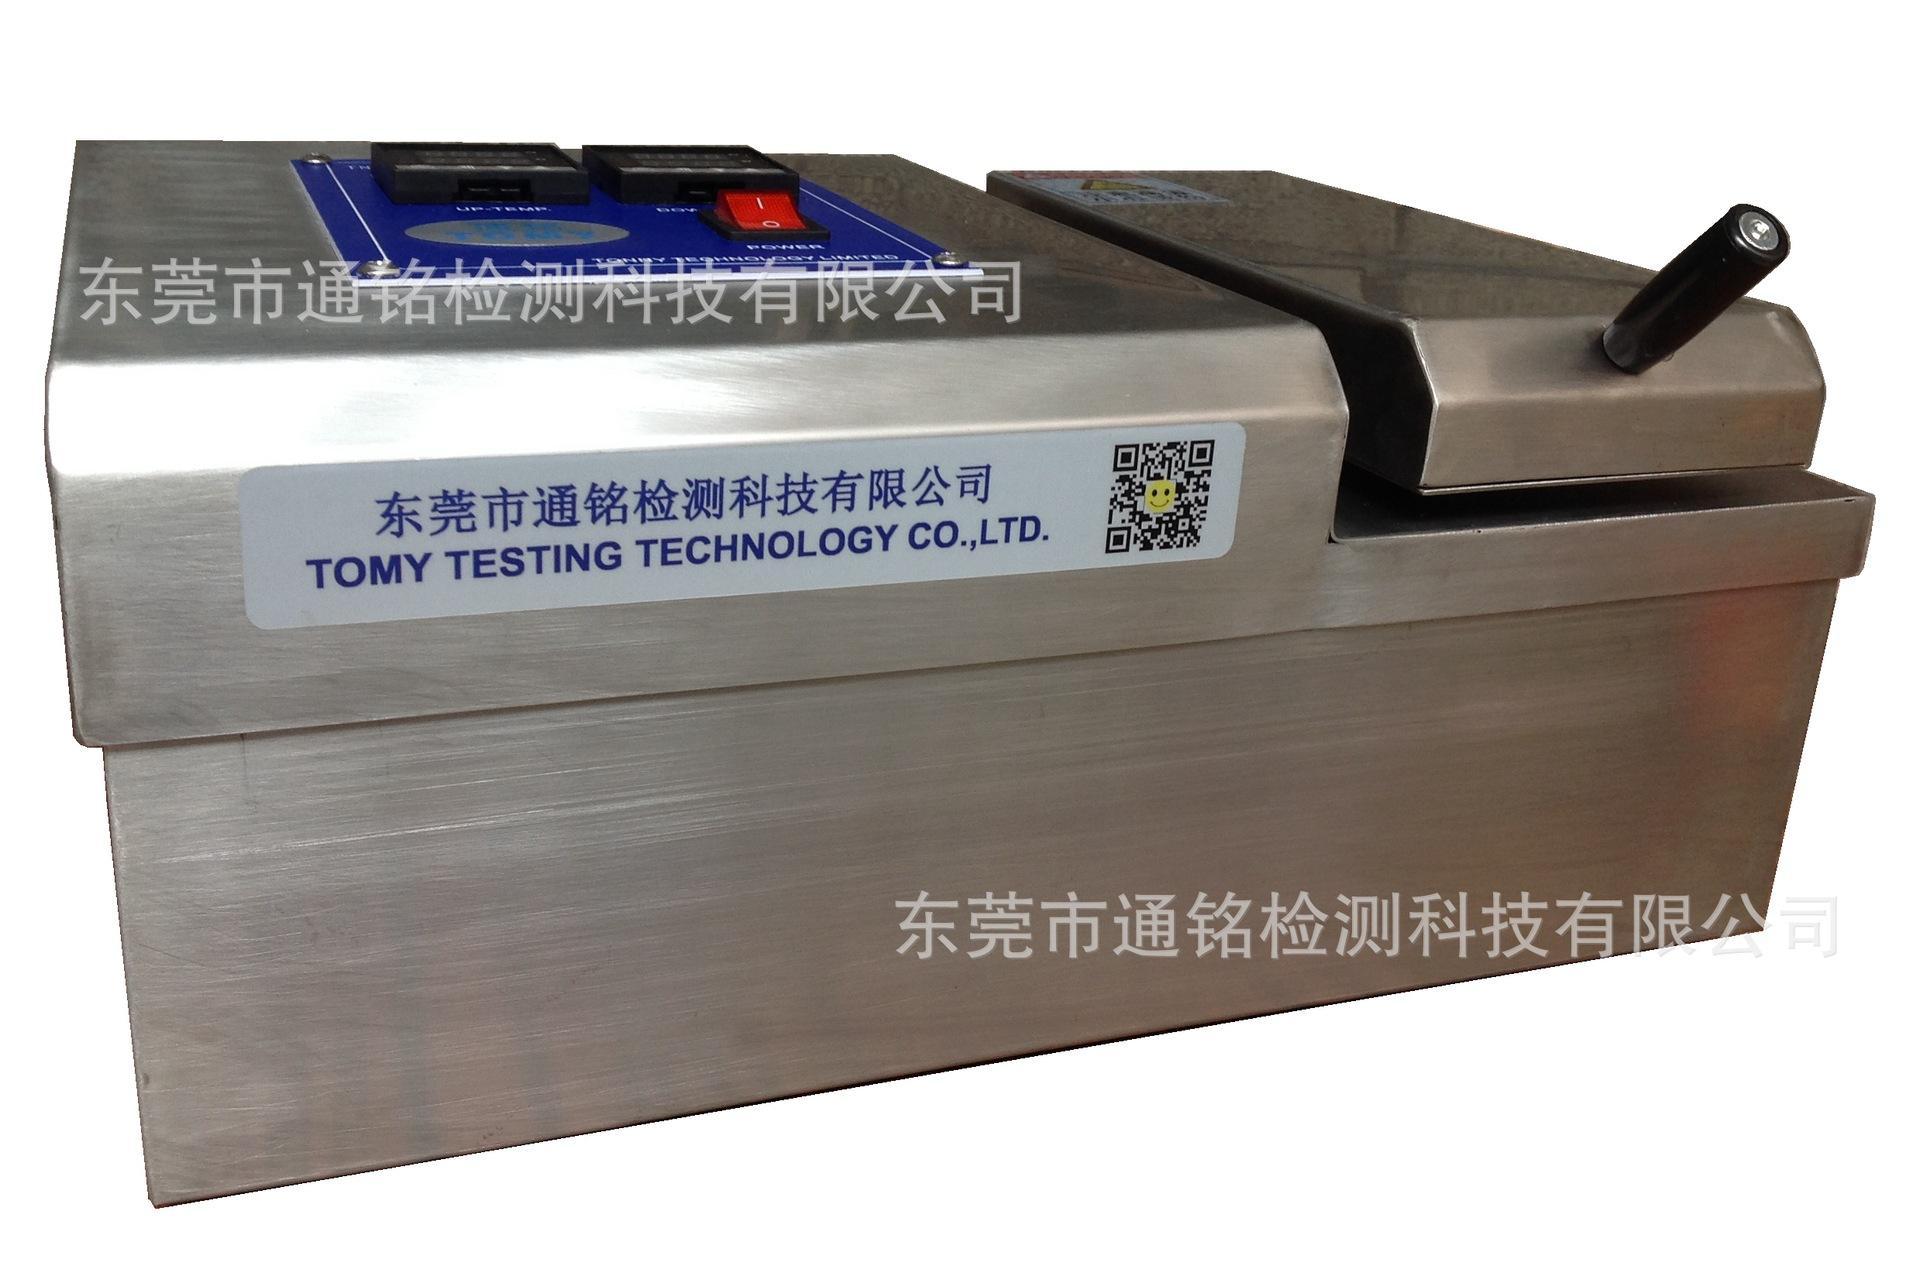 熨燙昇華色牢度測試儀,耐干熱試驗,AATCC 133,GB/T 6152,ISO 1